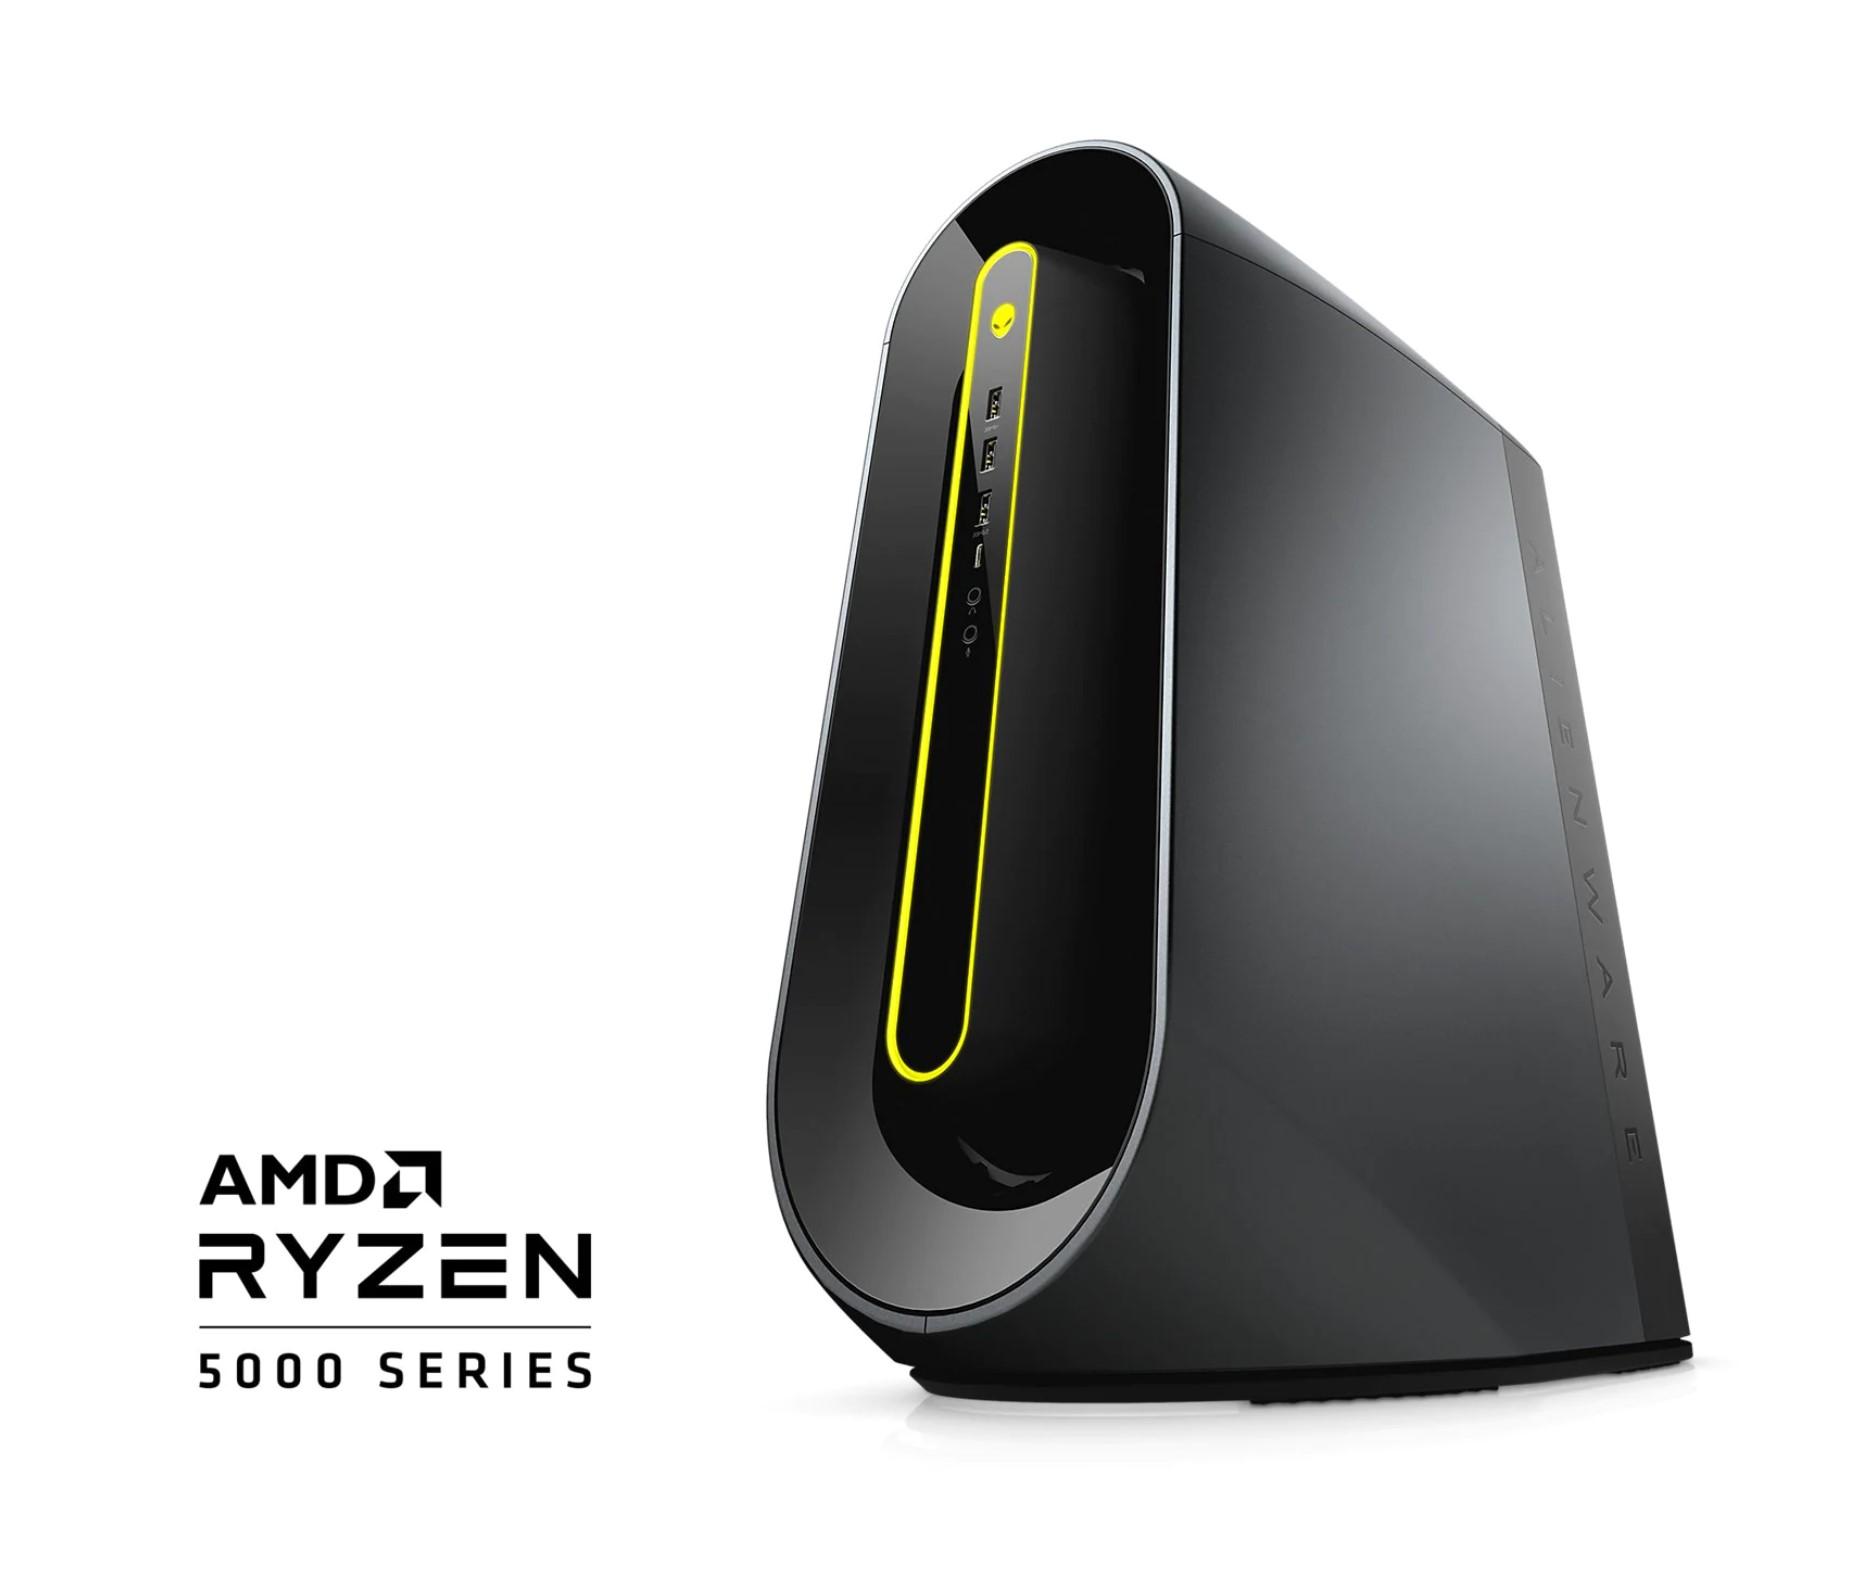 Alienwire AMD Ryzen 5000 series